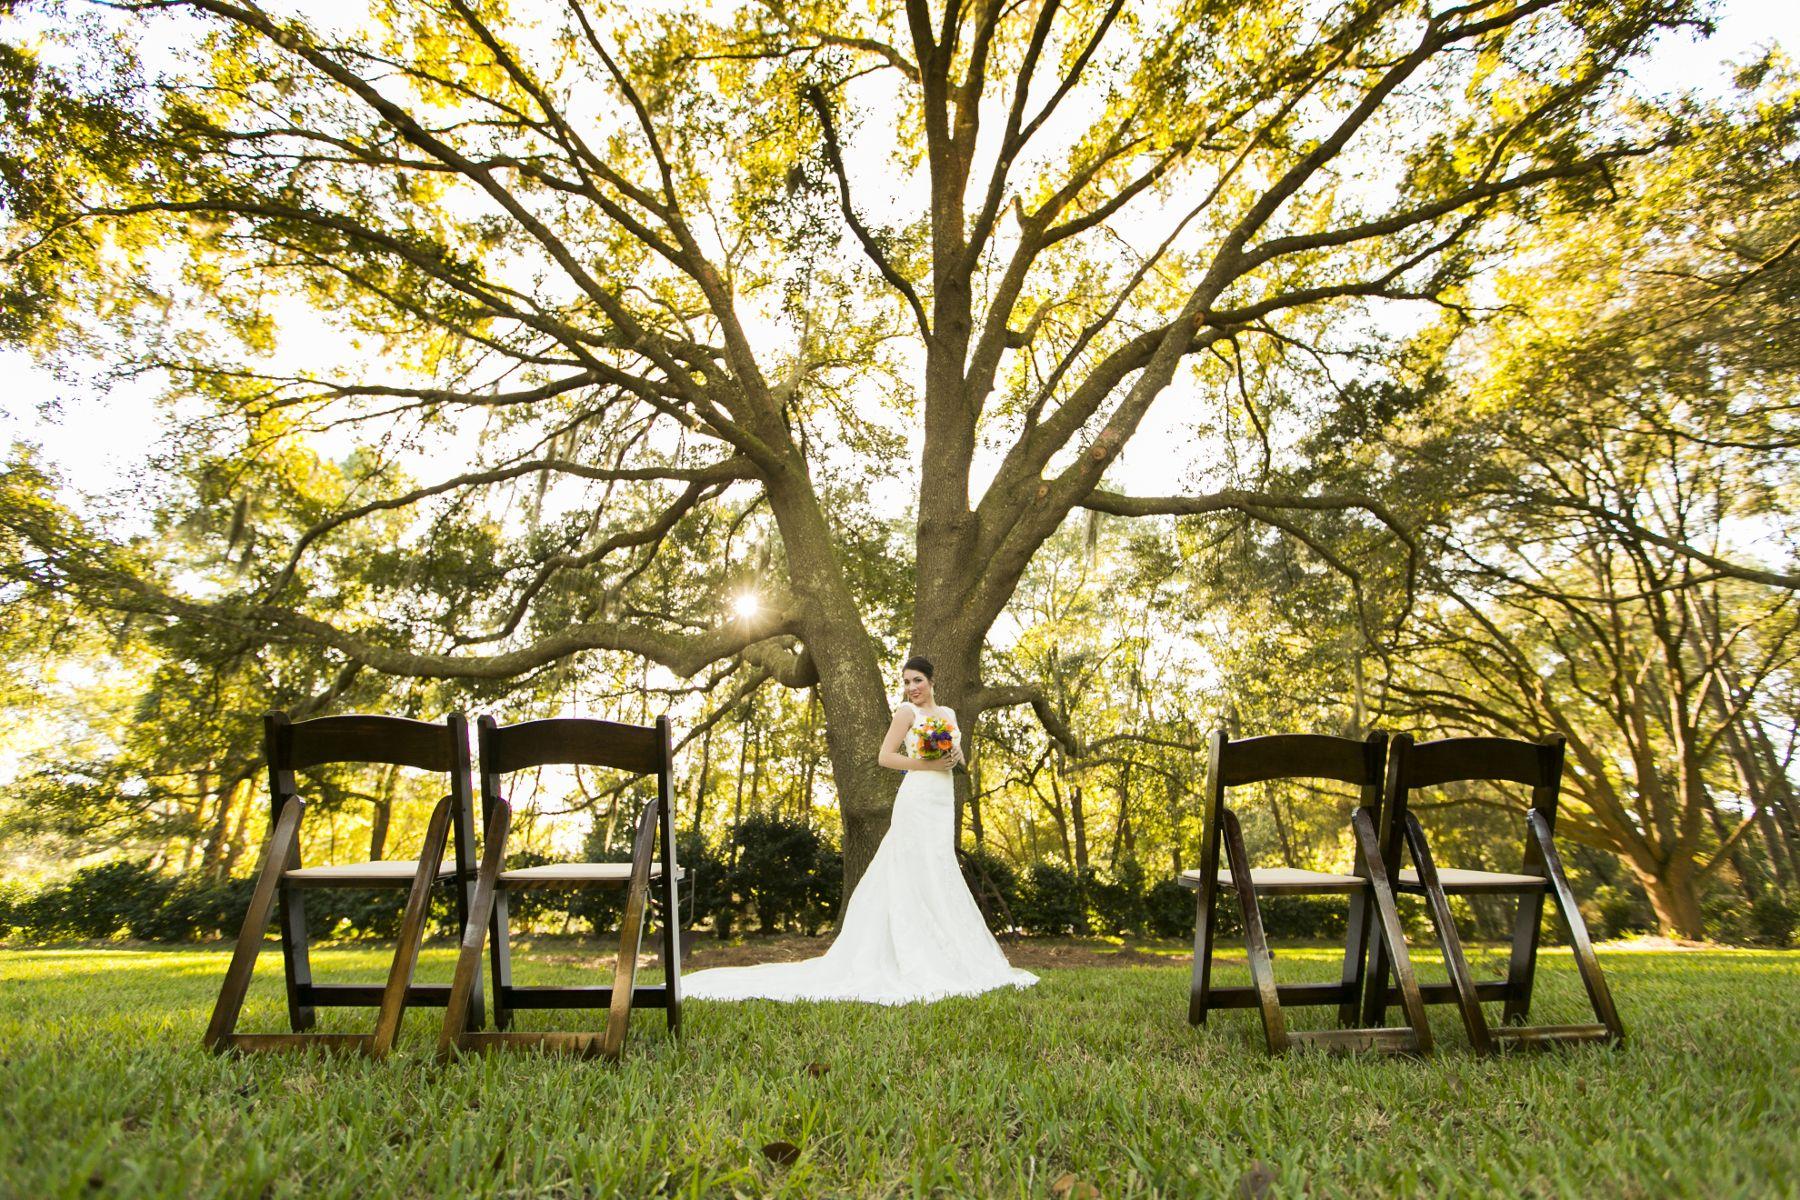 Finally! A rustic wedding venue in Jacksonville! Florida